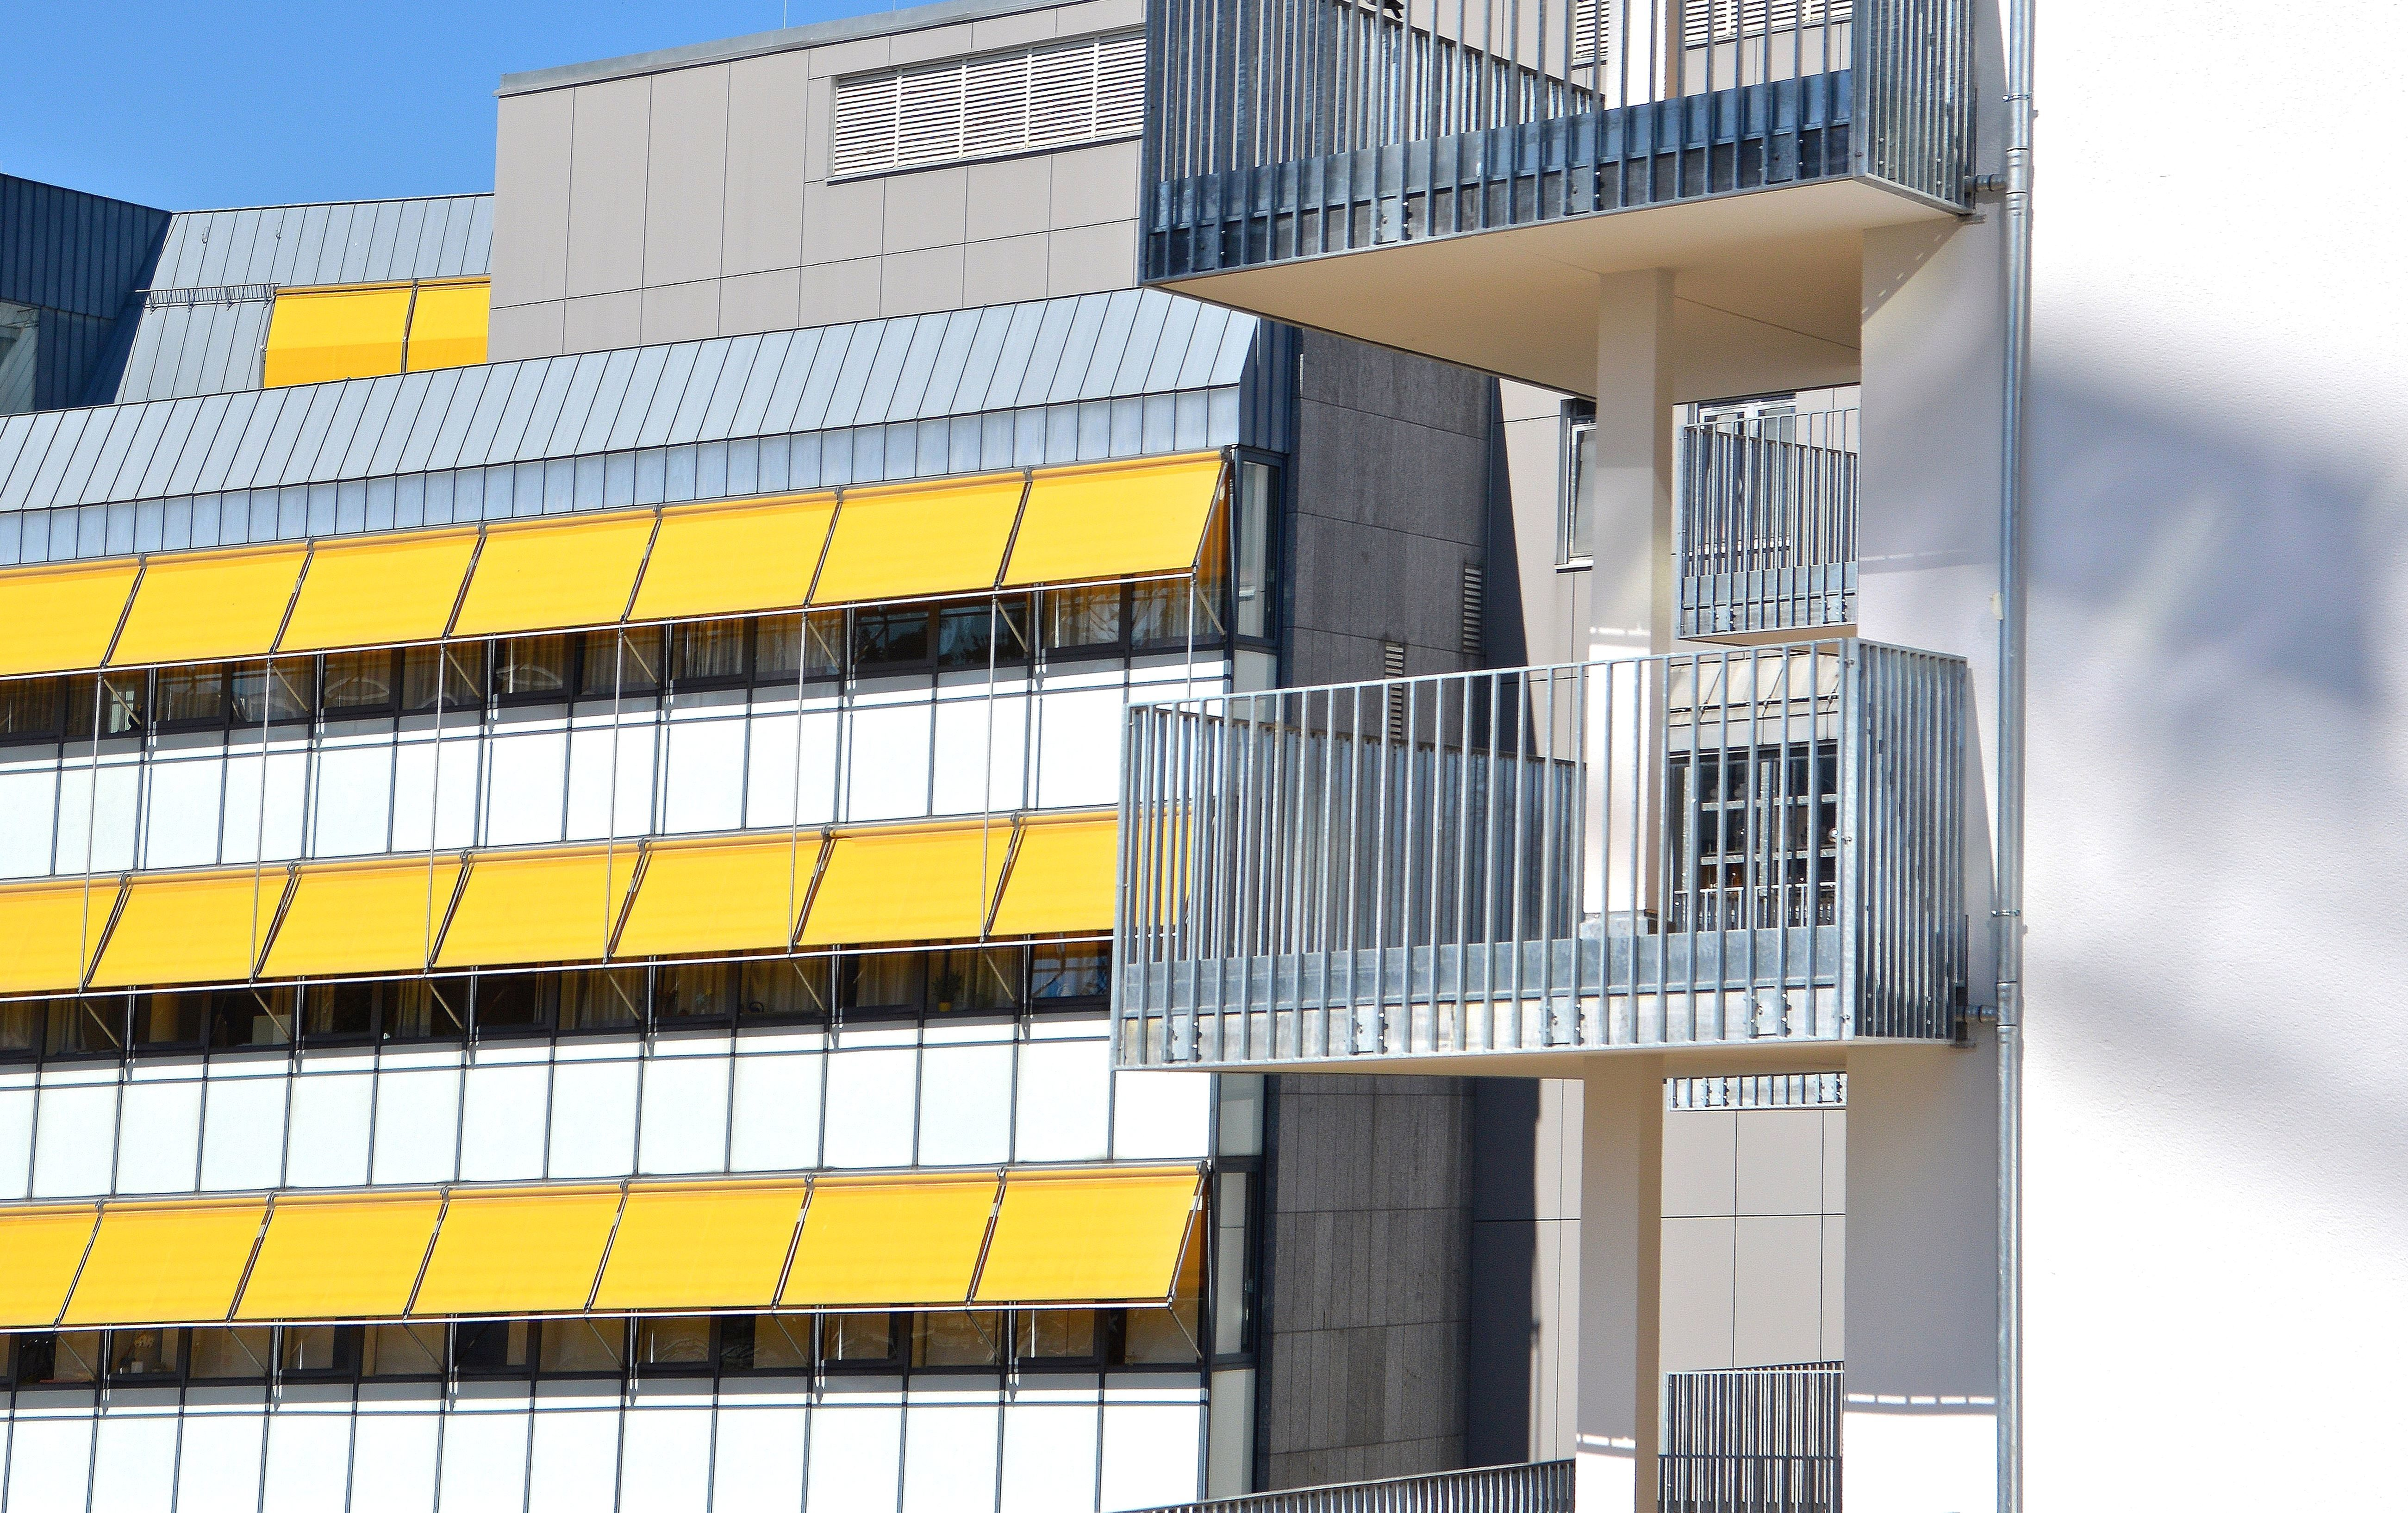 Kostenlose Bild: Balkon, Gebäude, Fassade, Glas, Dächer, Häuser und ...